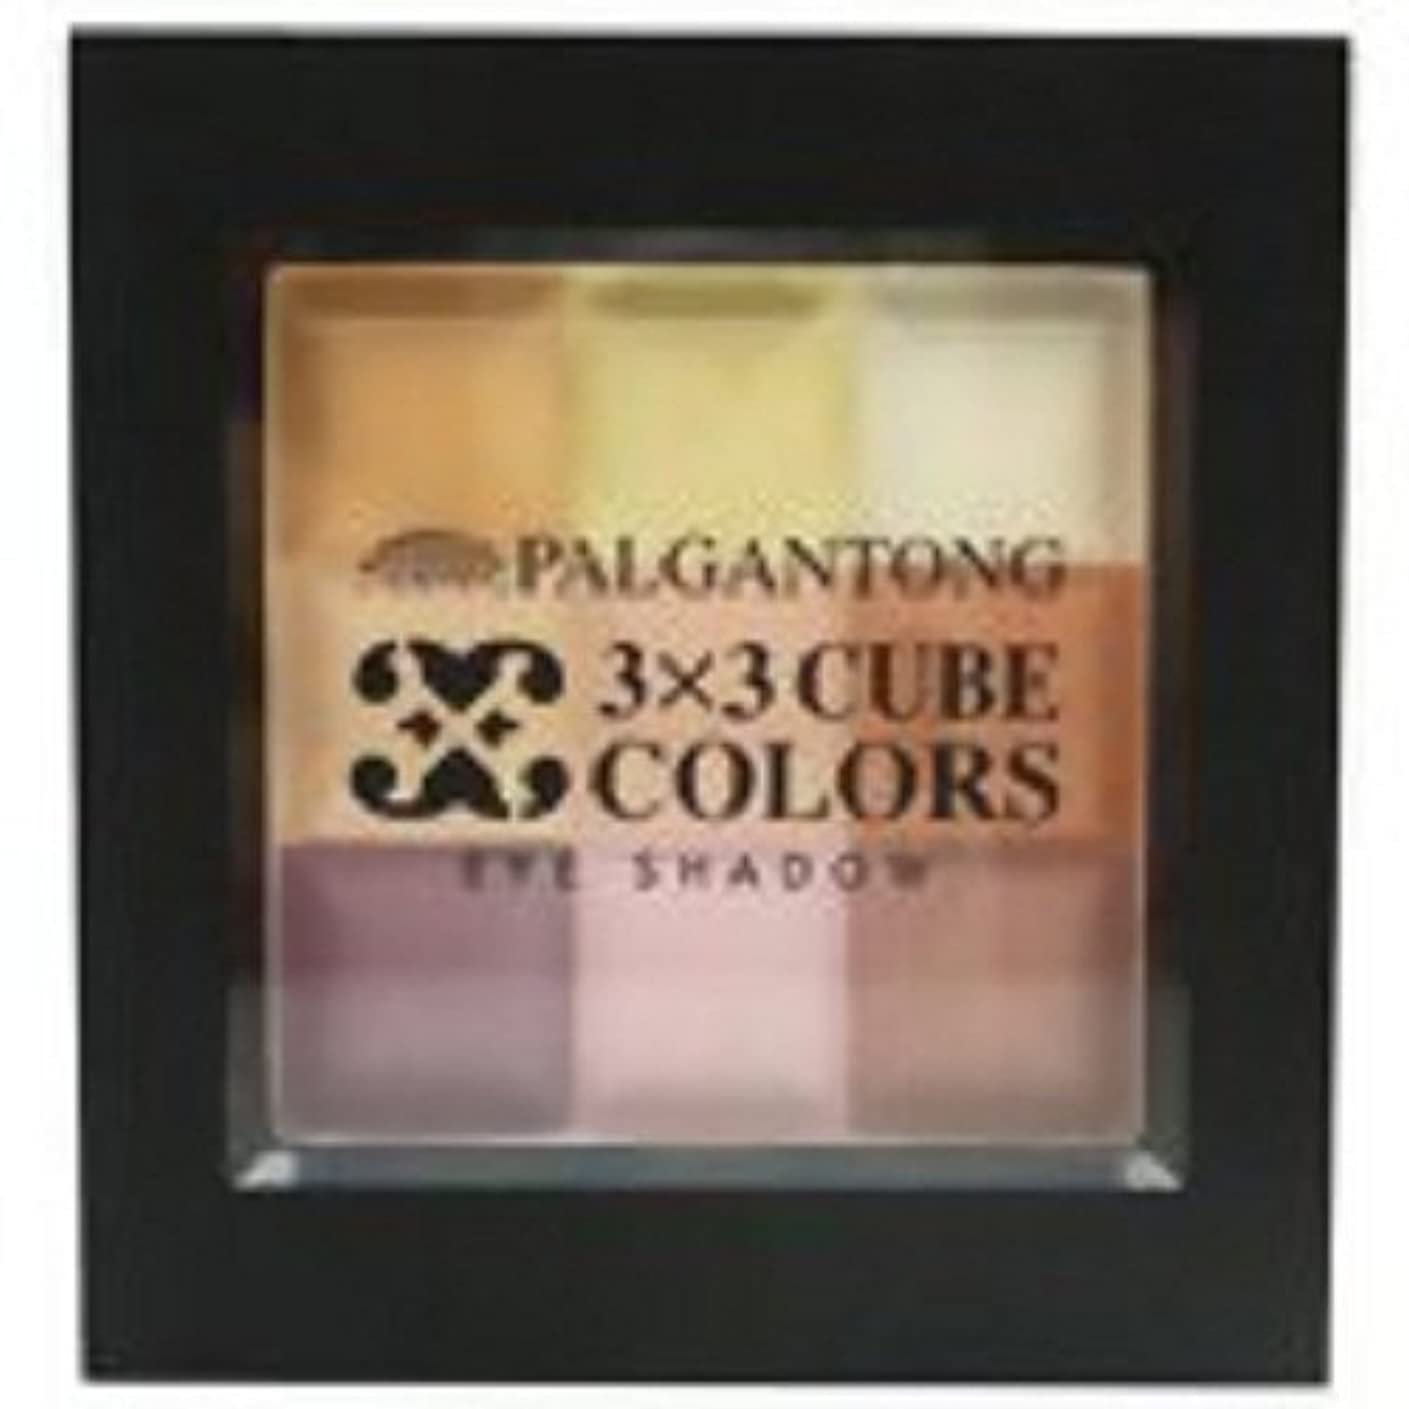 宇宙飛行士スキャンダラス文明化パルガントン スリーバイスリーキューブカラーズ PY50 ピンク&イエロー